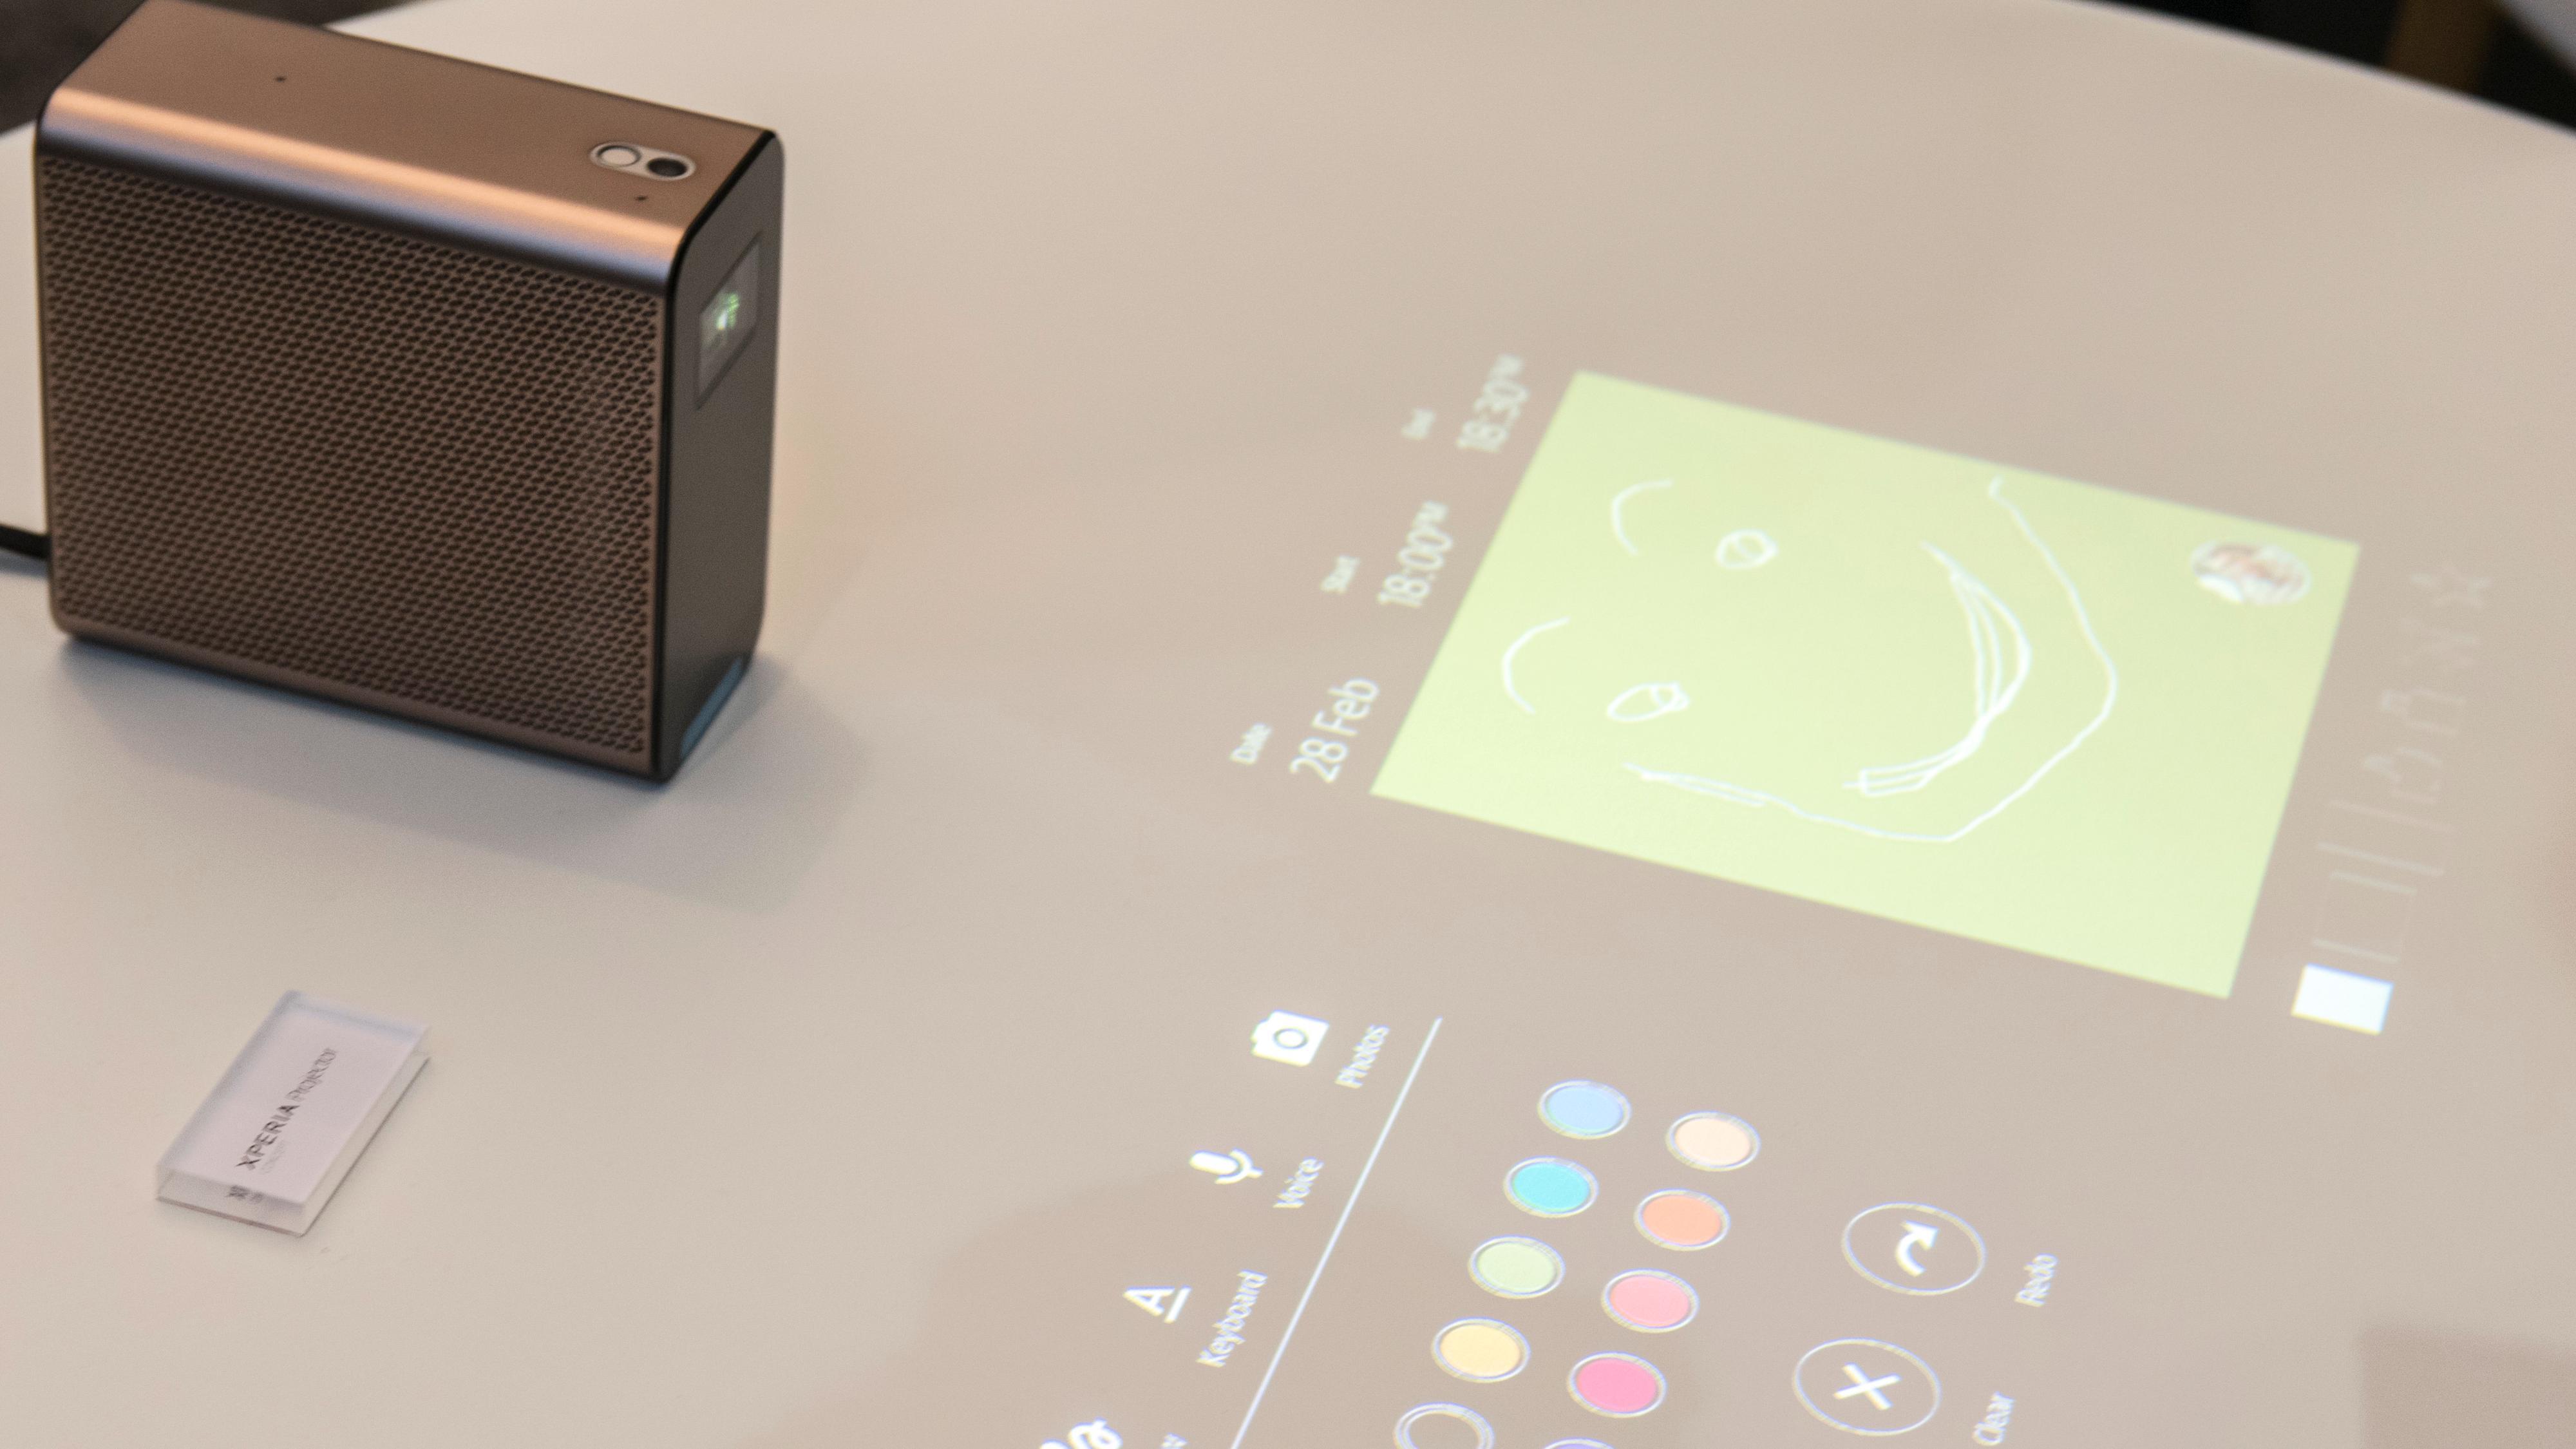 Sonys nye projektor forvandler bordet ditt til en berøringsskjerm